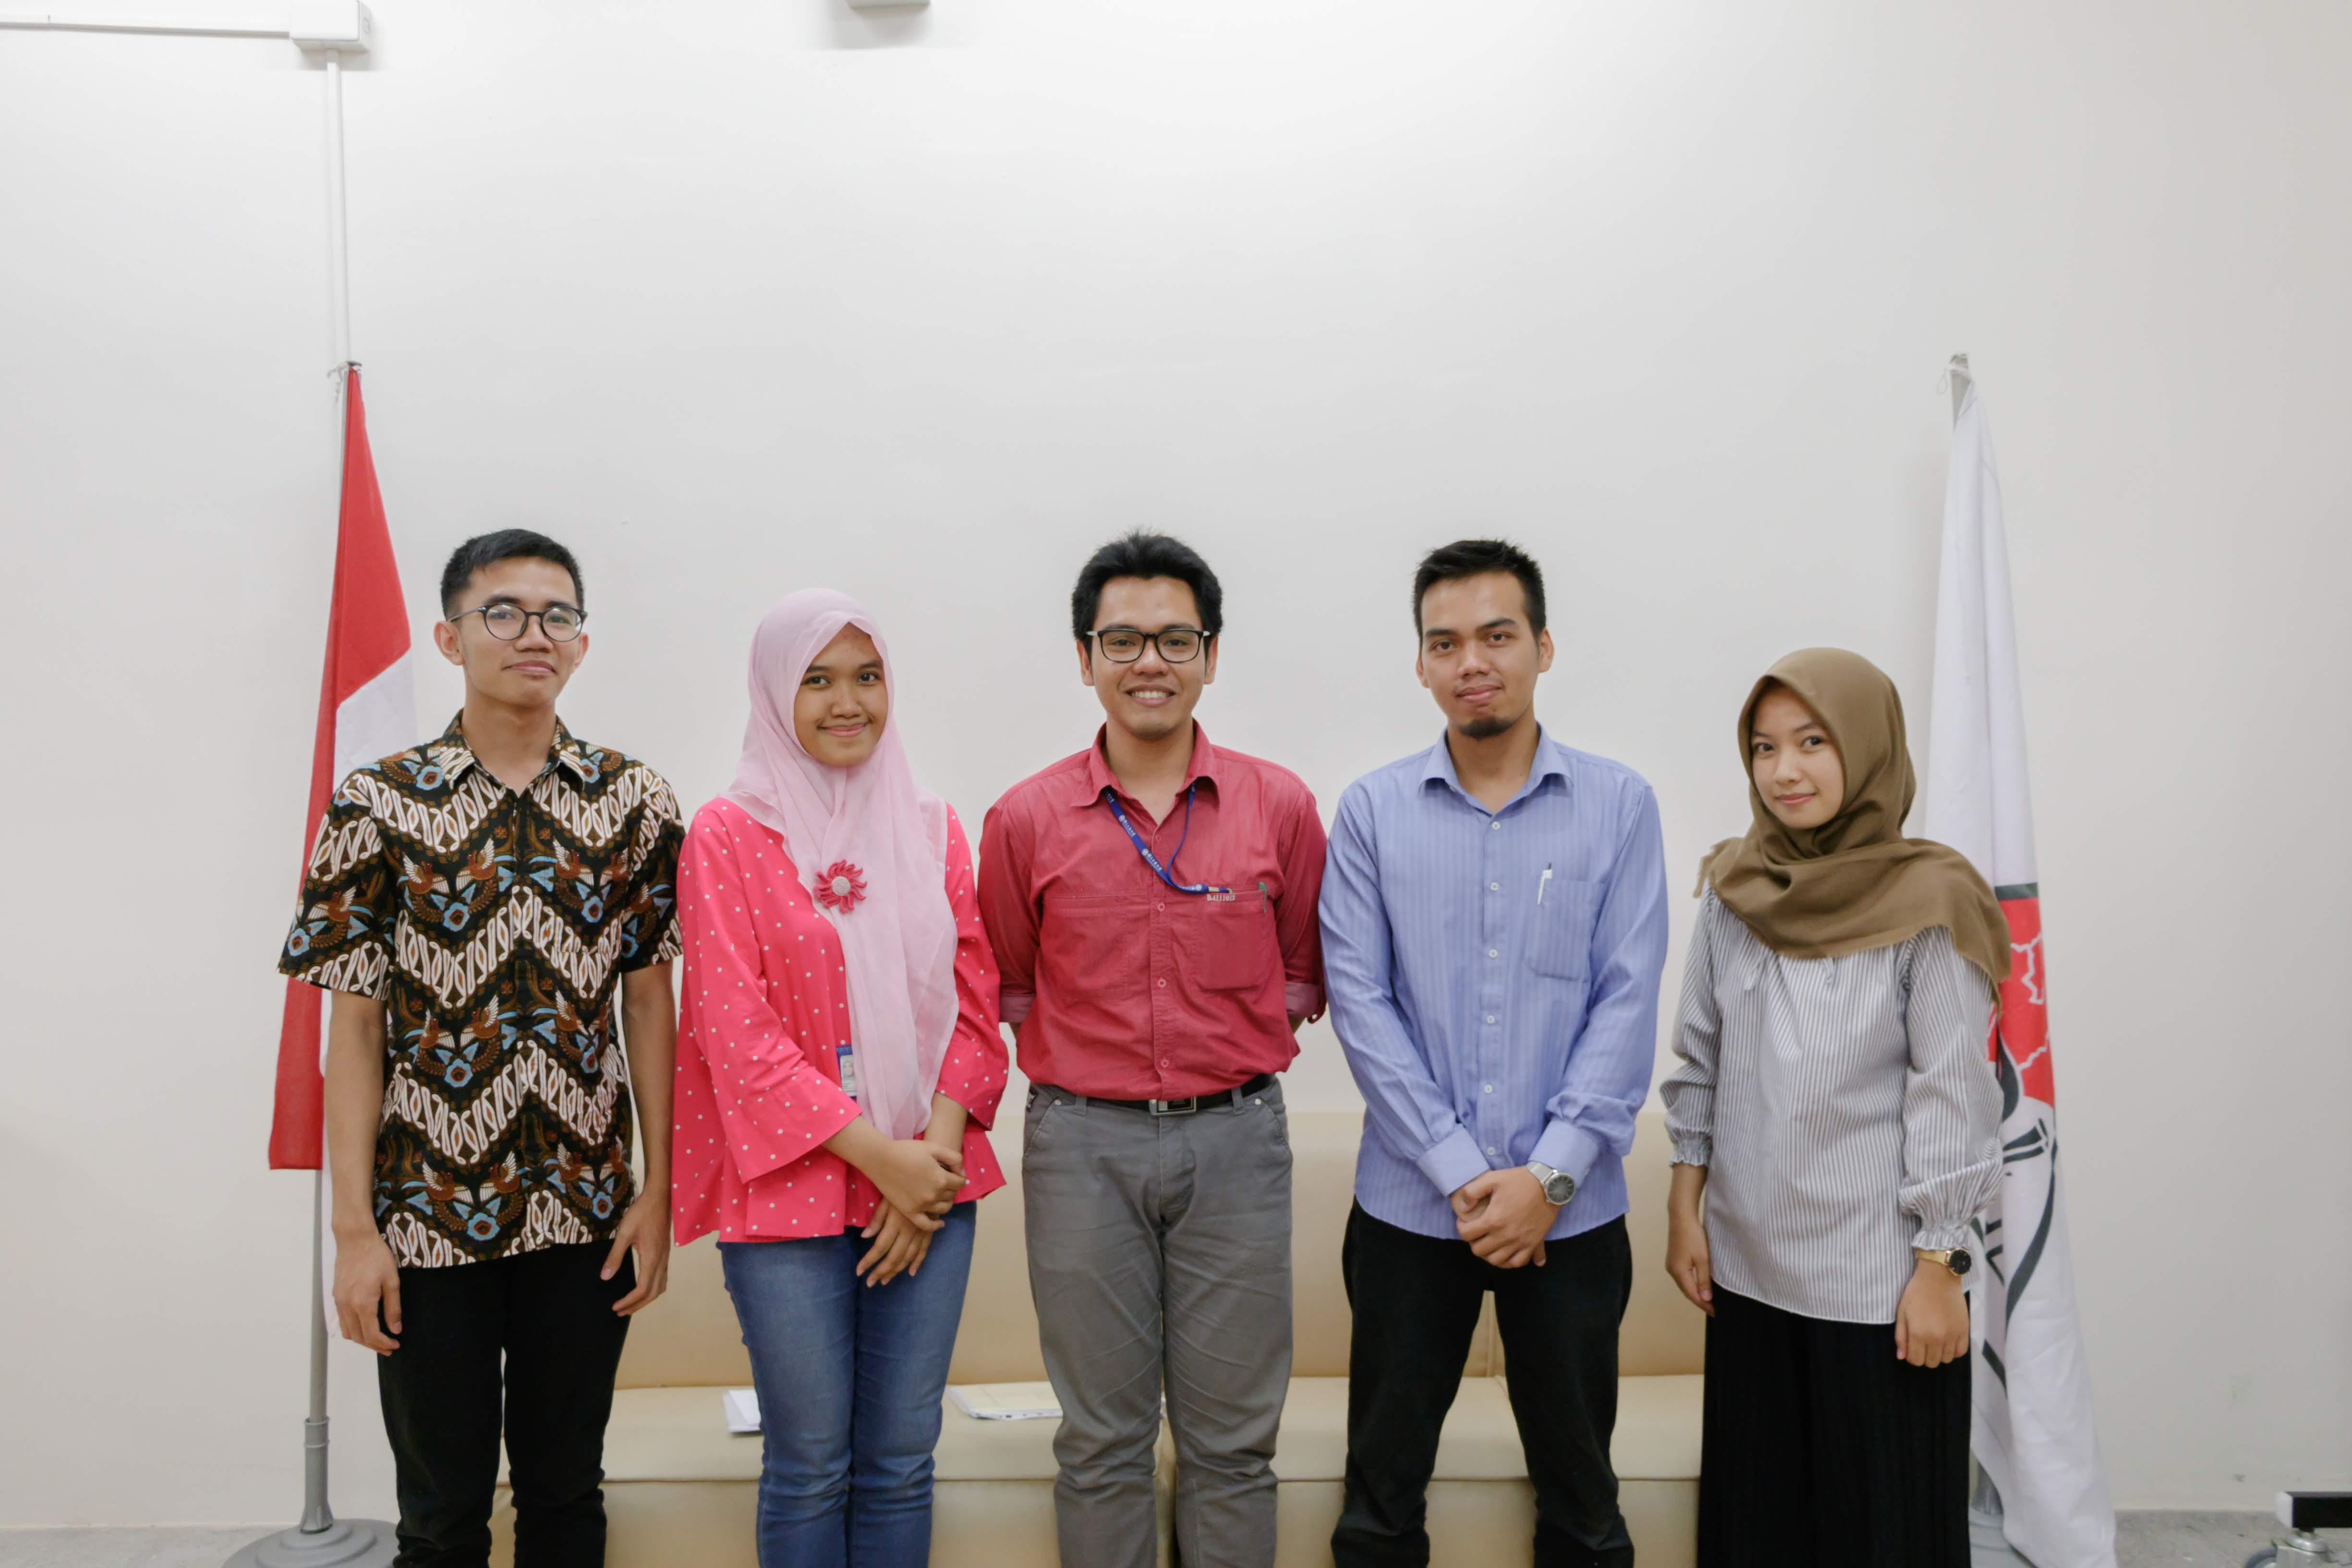 Foto bersama Majelis Musyawarah PPI Hsinchu periode 2018/2019 dan 2019/2020 yang hadir dalam RU-PPI Hsinchu